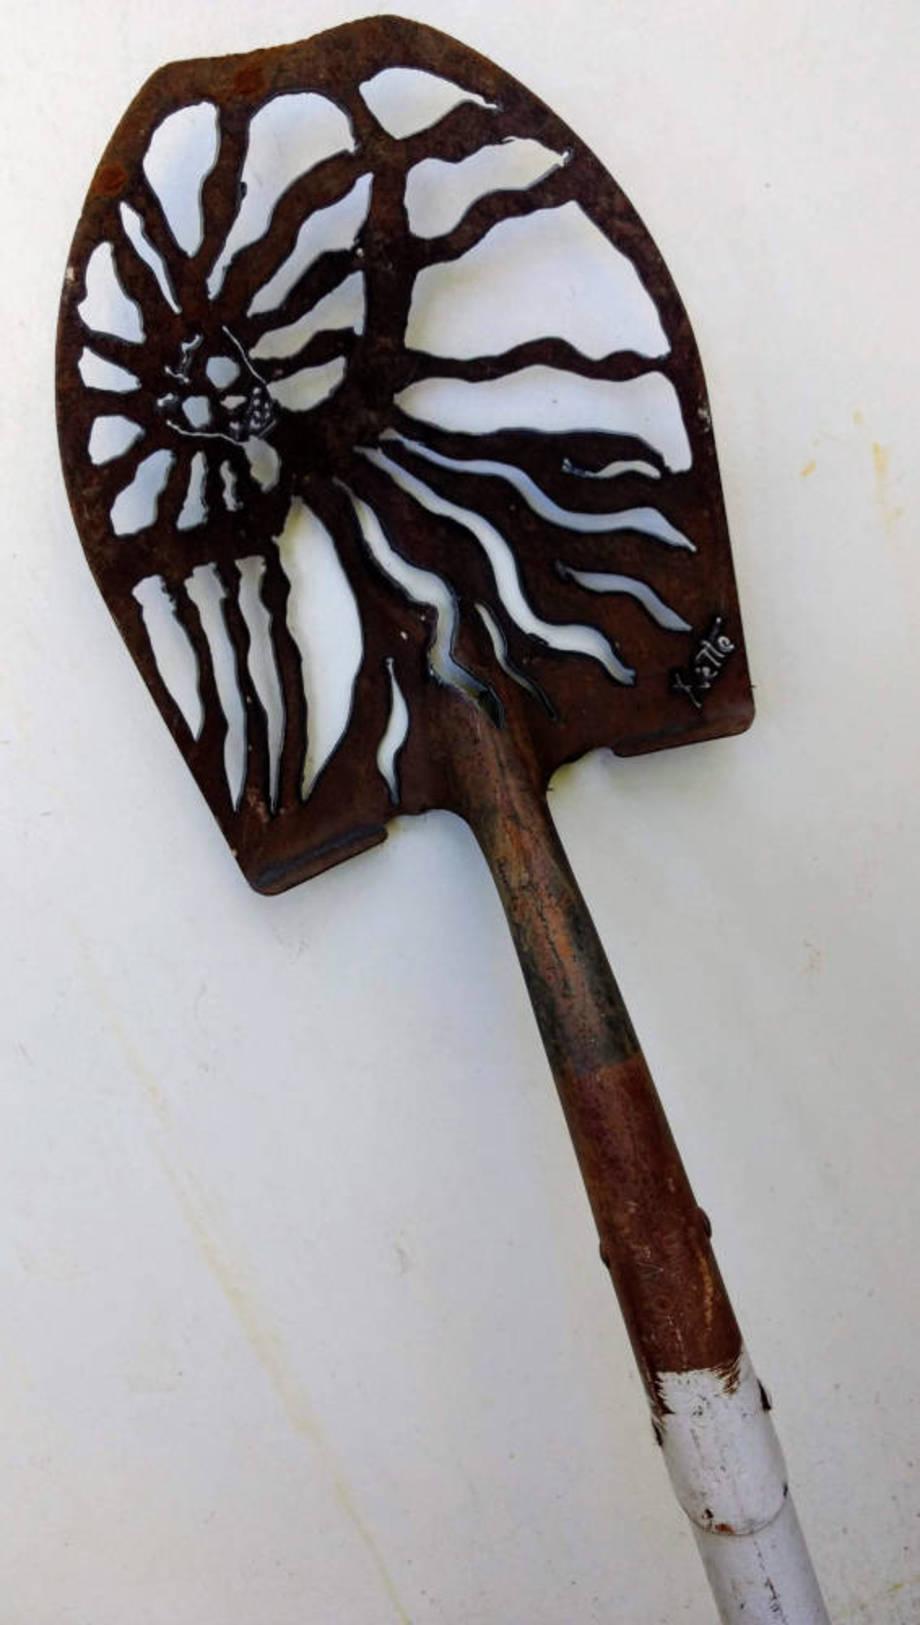 Banshee shovel